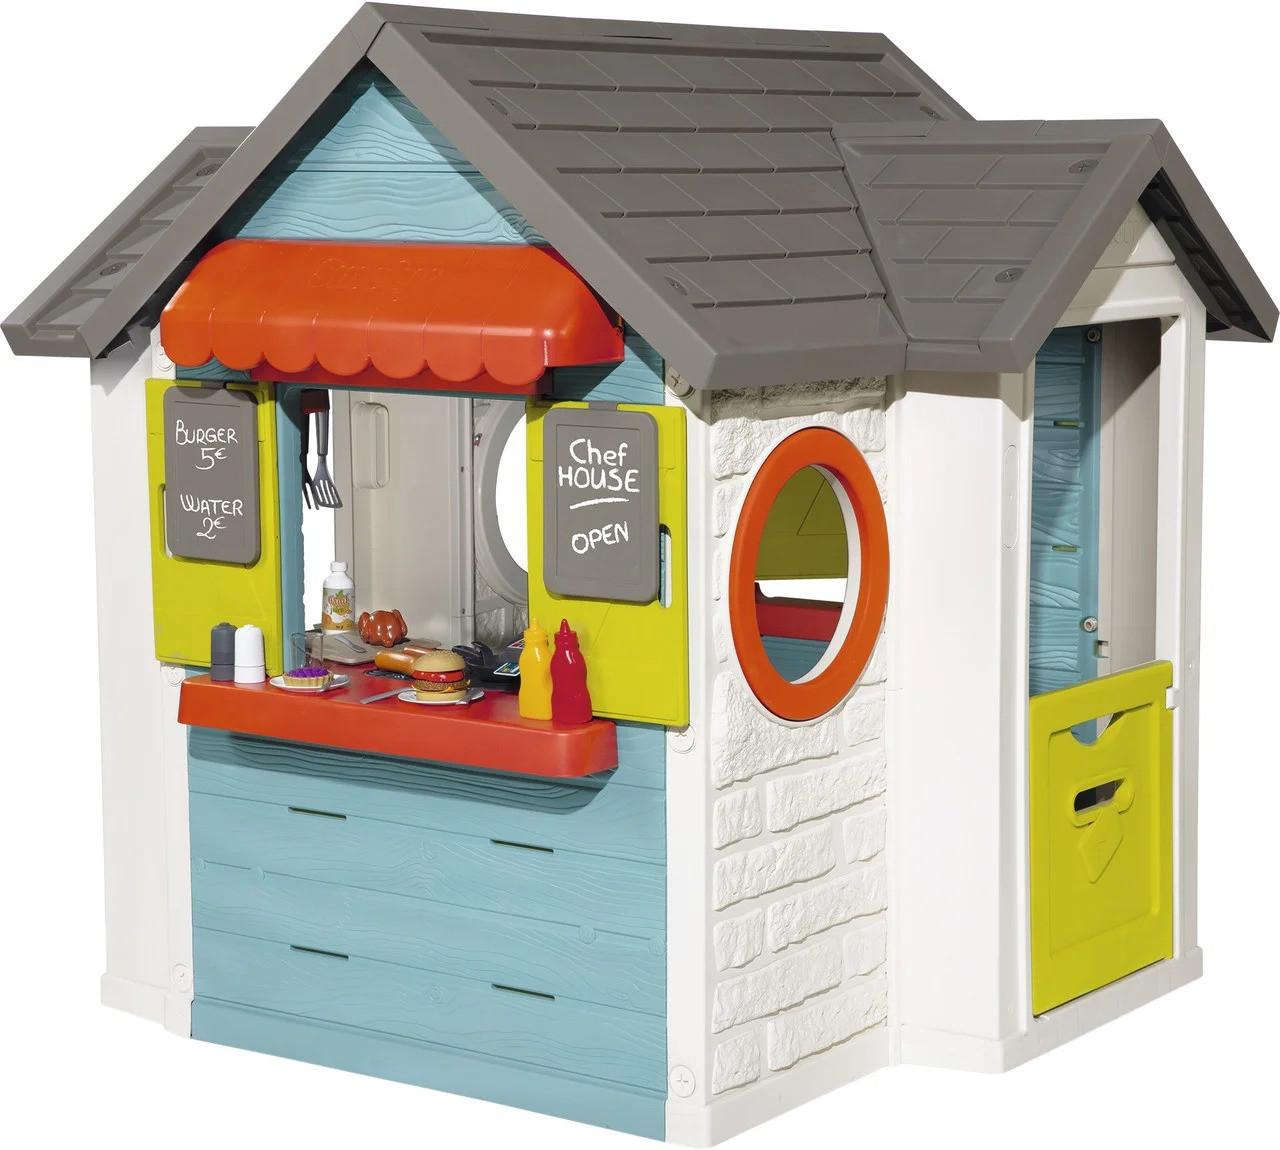 Детский игровой домик Smoby Шеф Хаус 810402 для детей